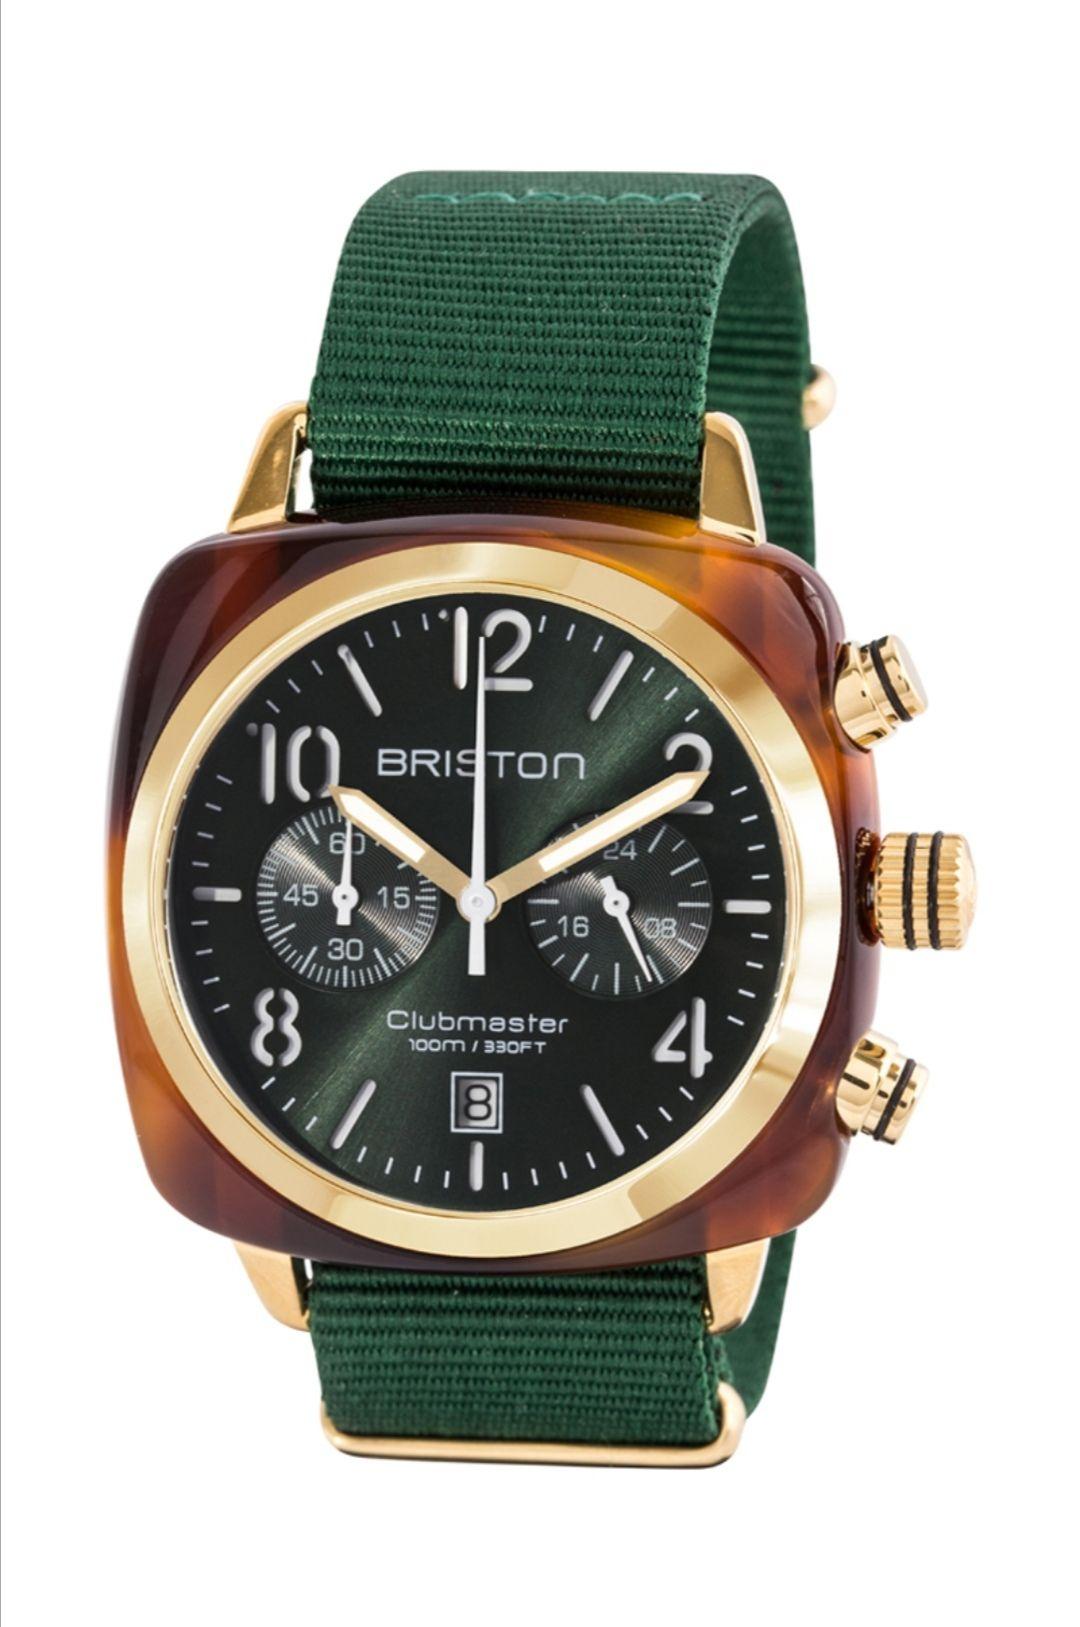 Montre quartz chronographe Briston Clubmaster - Boitier plaqué or jaune & bracelet en nylon